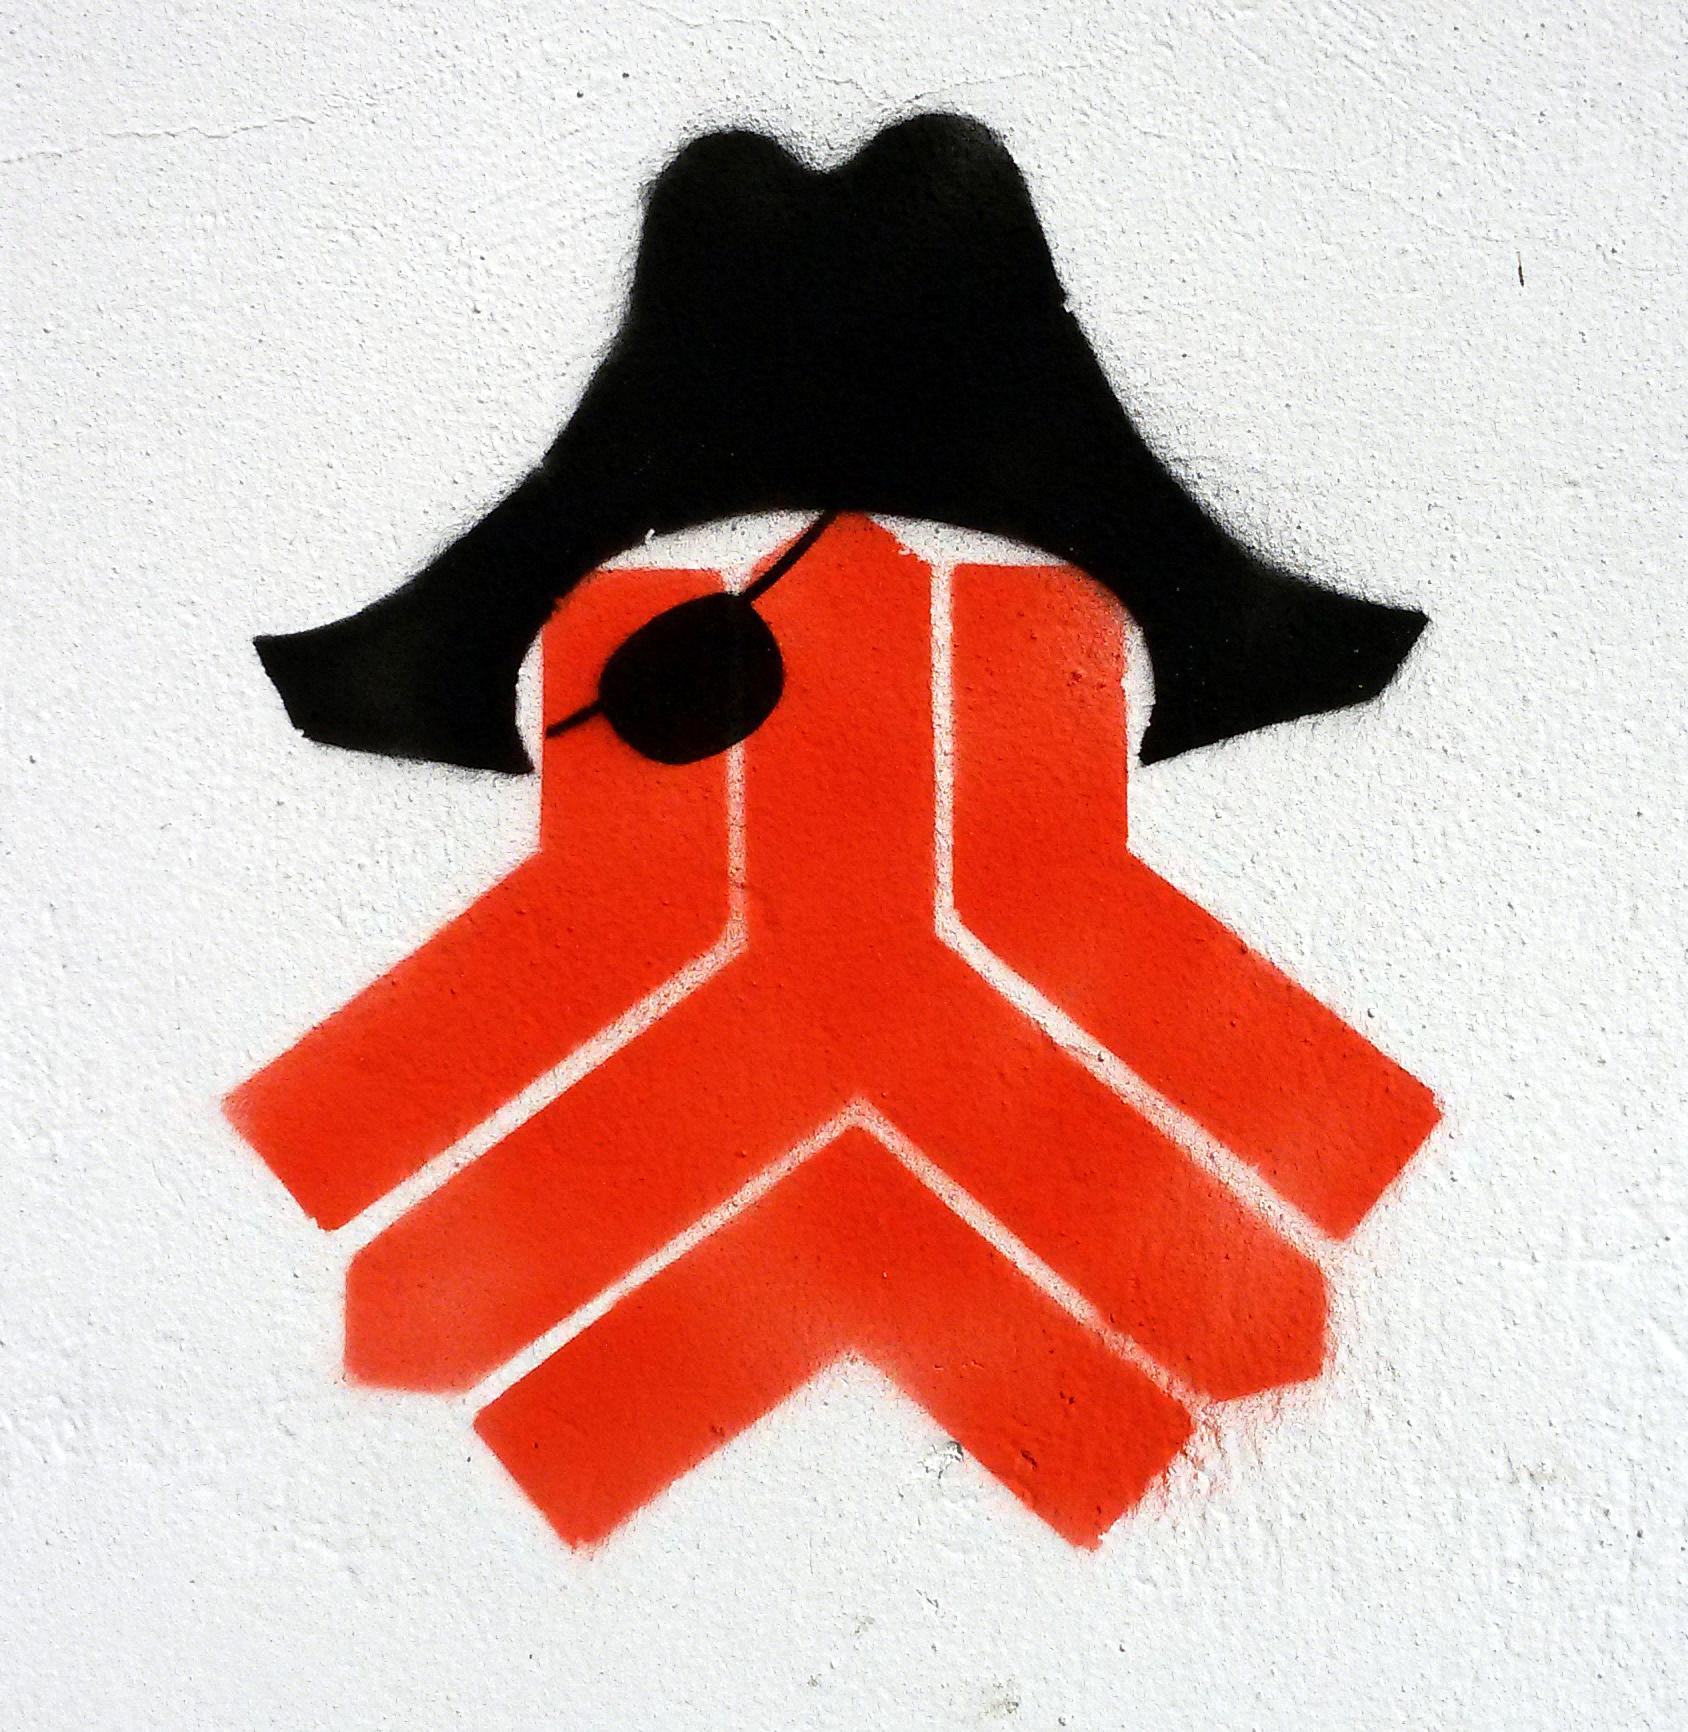 گرافیتی - ماهی - خیالباف - تهران - سایپا - ایران خودرو - سمند - سارق - دزد دریایی - graffiti - tehran - daydreamer